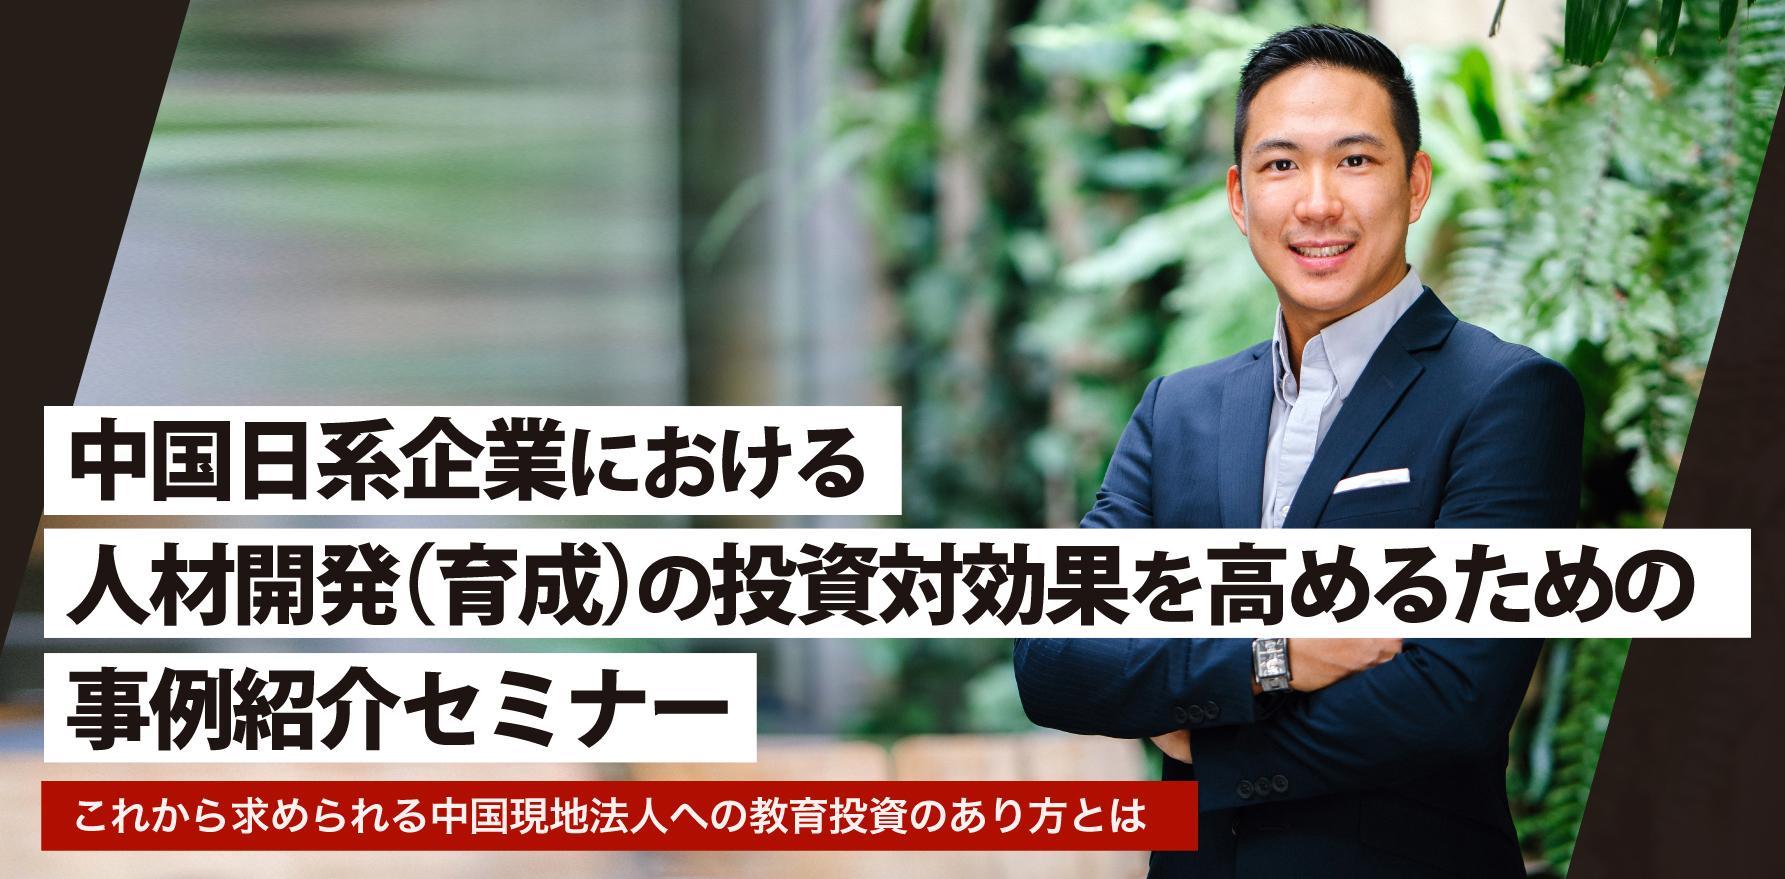 中国日系企業における人材開発(育成)の投資対効果を高めるための事例紹介セミナー